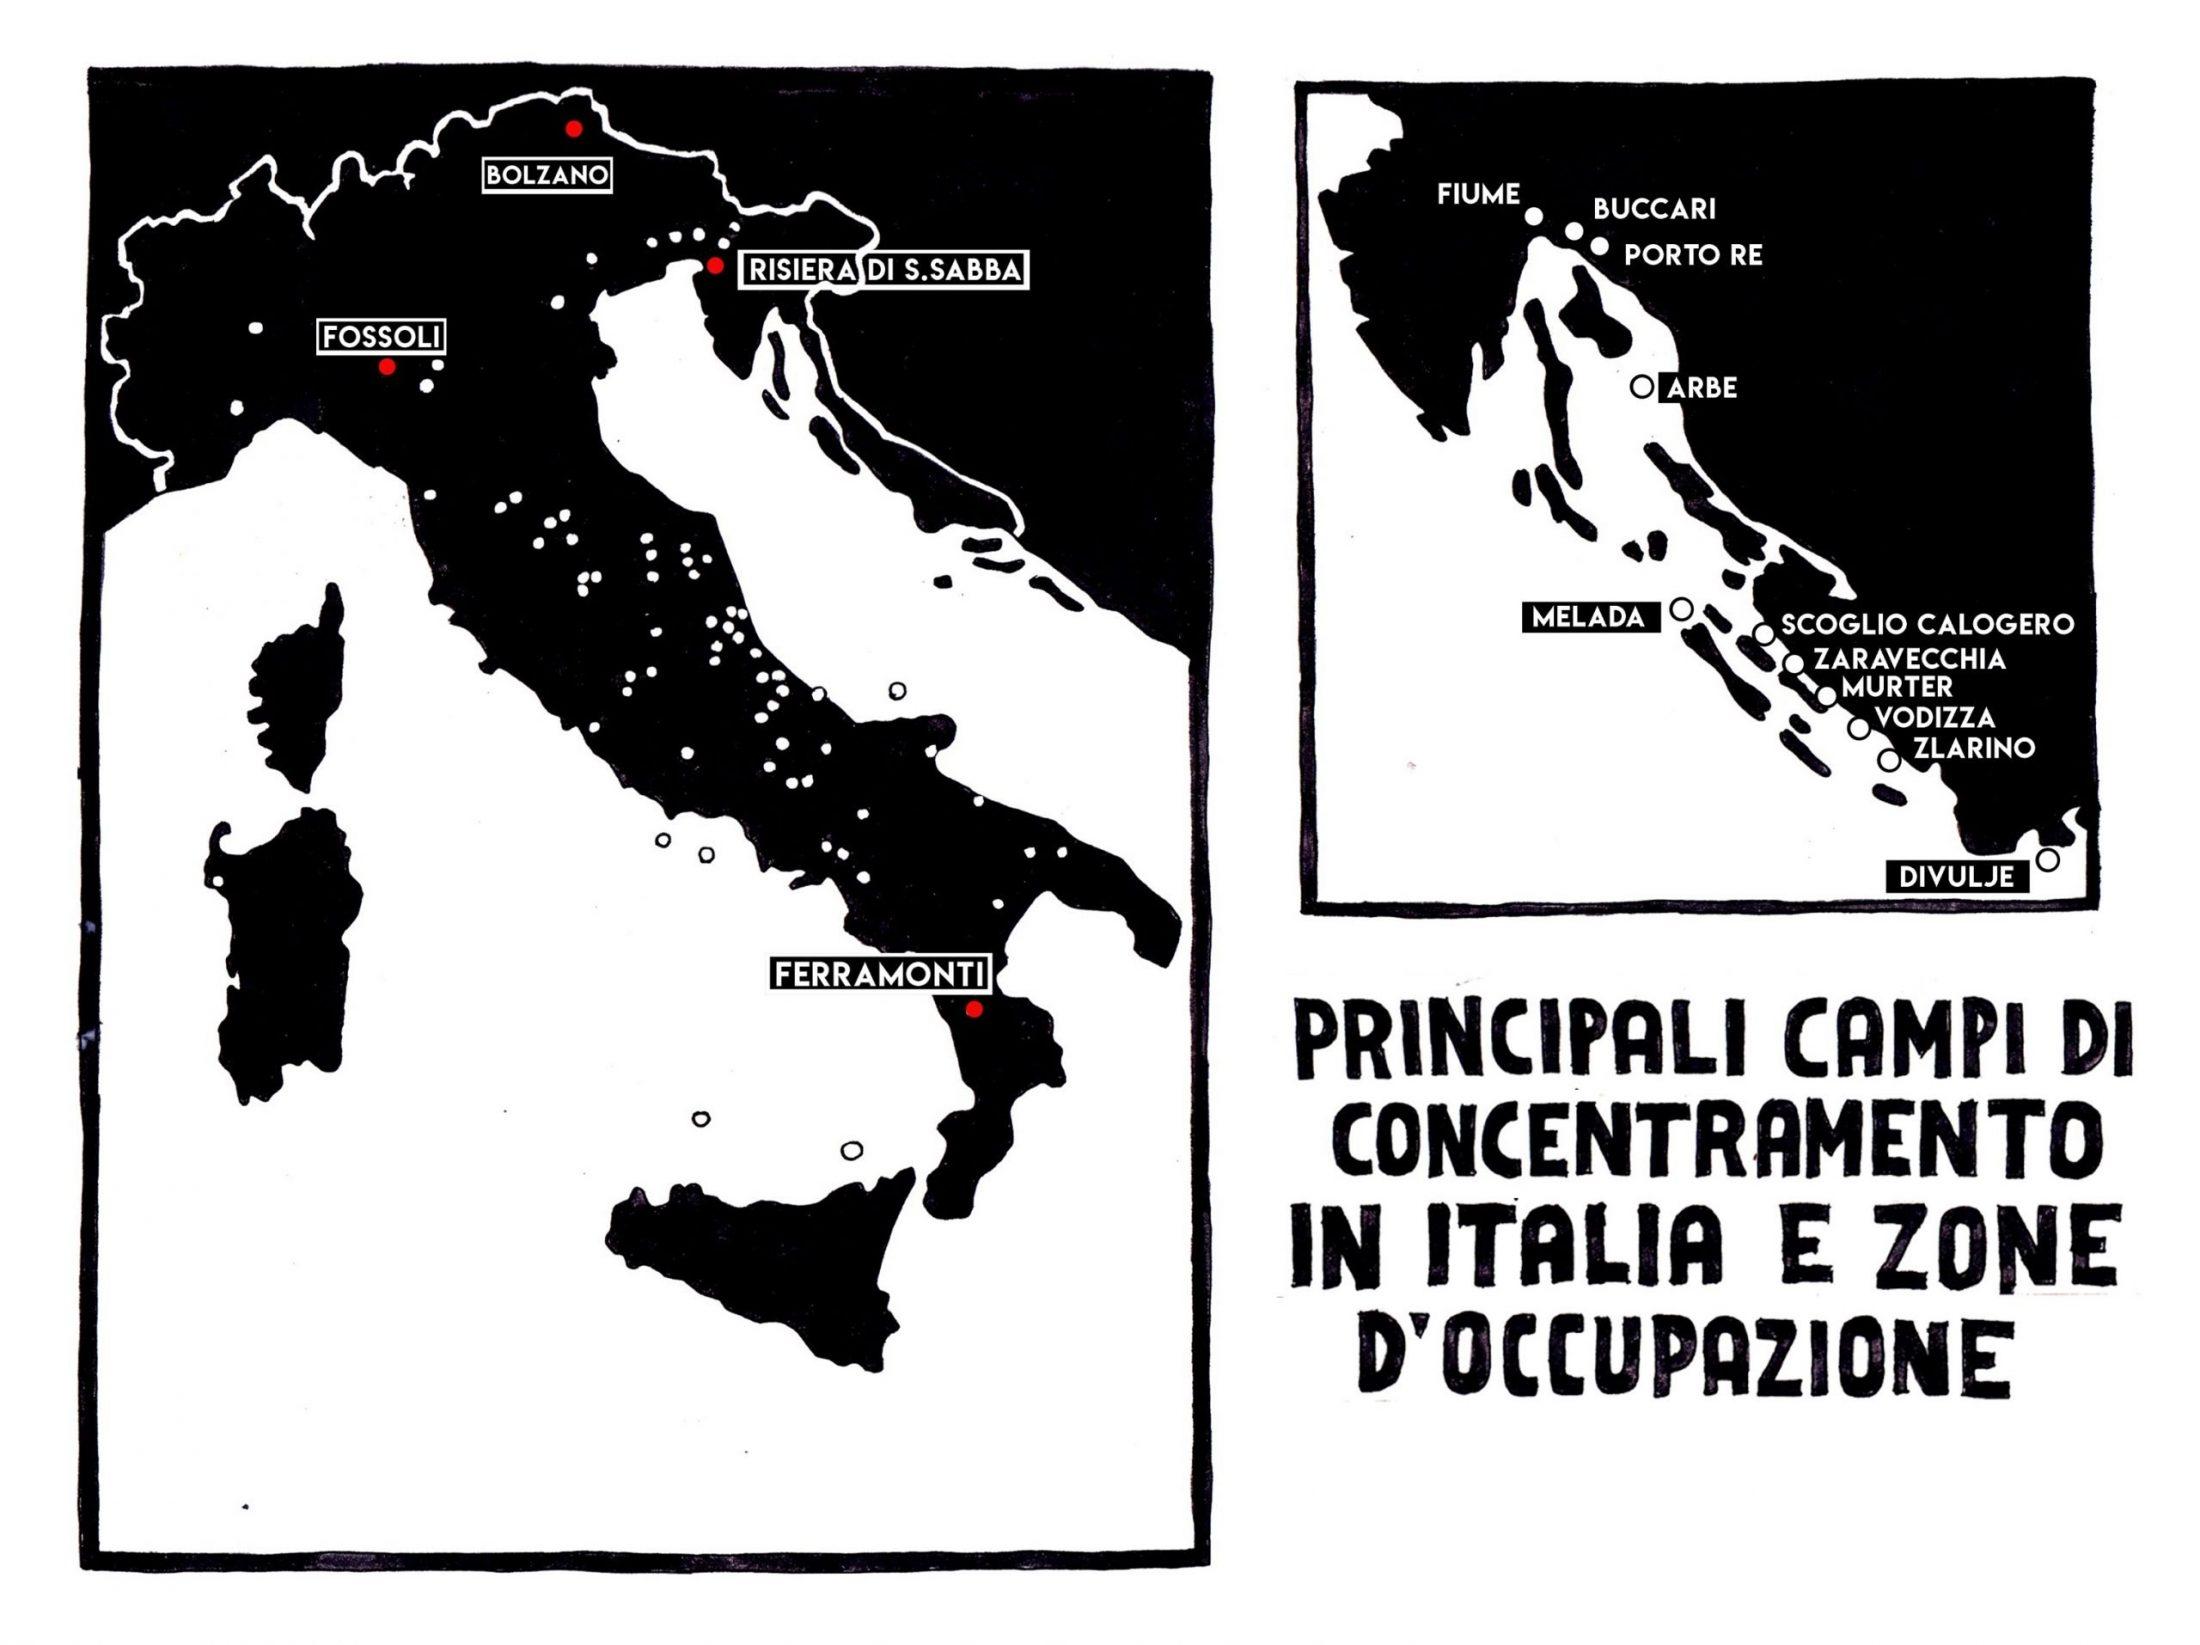 mappa campi concentramento italia